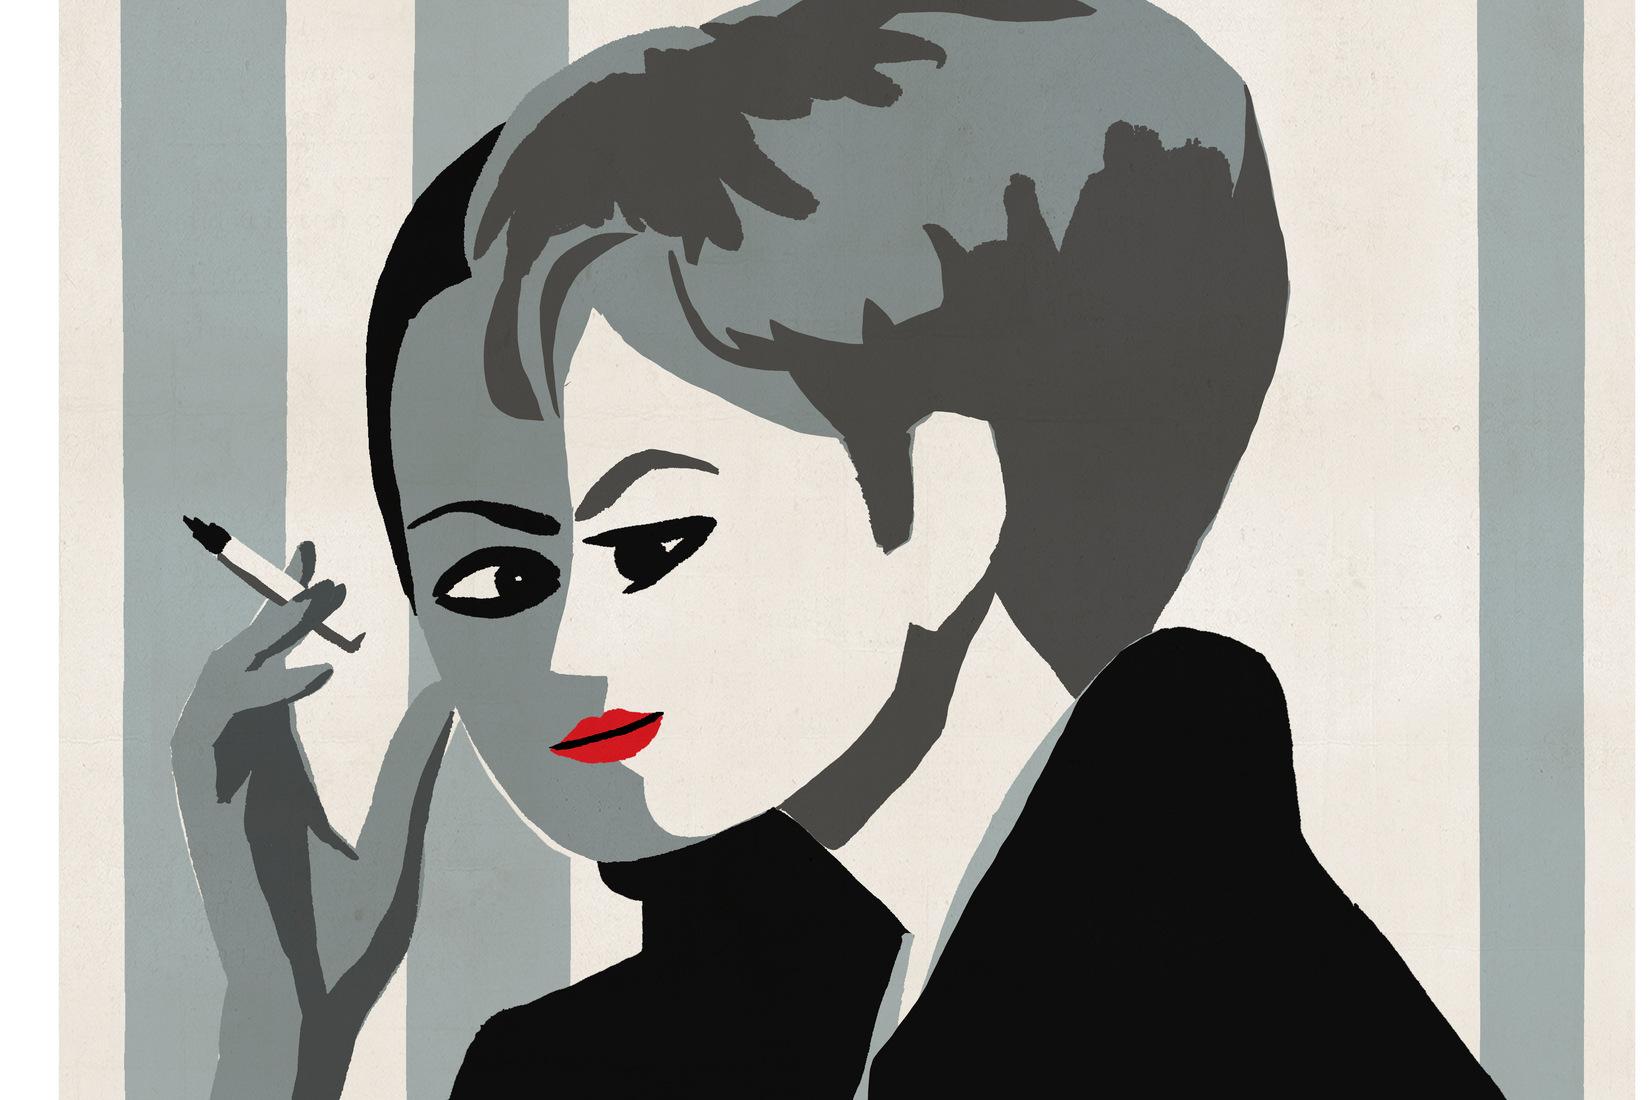 illustration en tons gris : 2 visages superpsosés de femmes en hommage à Persona